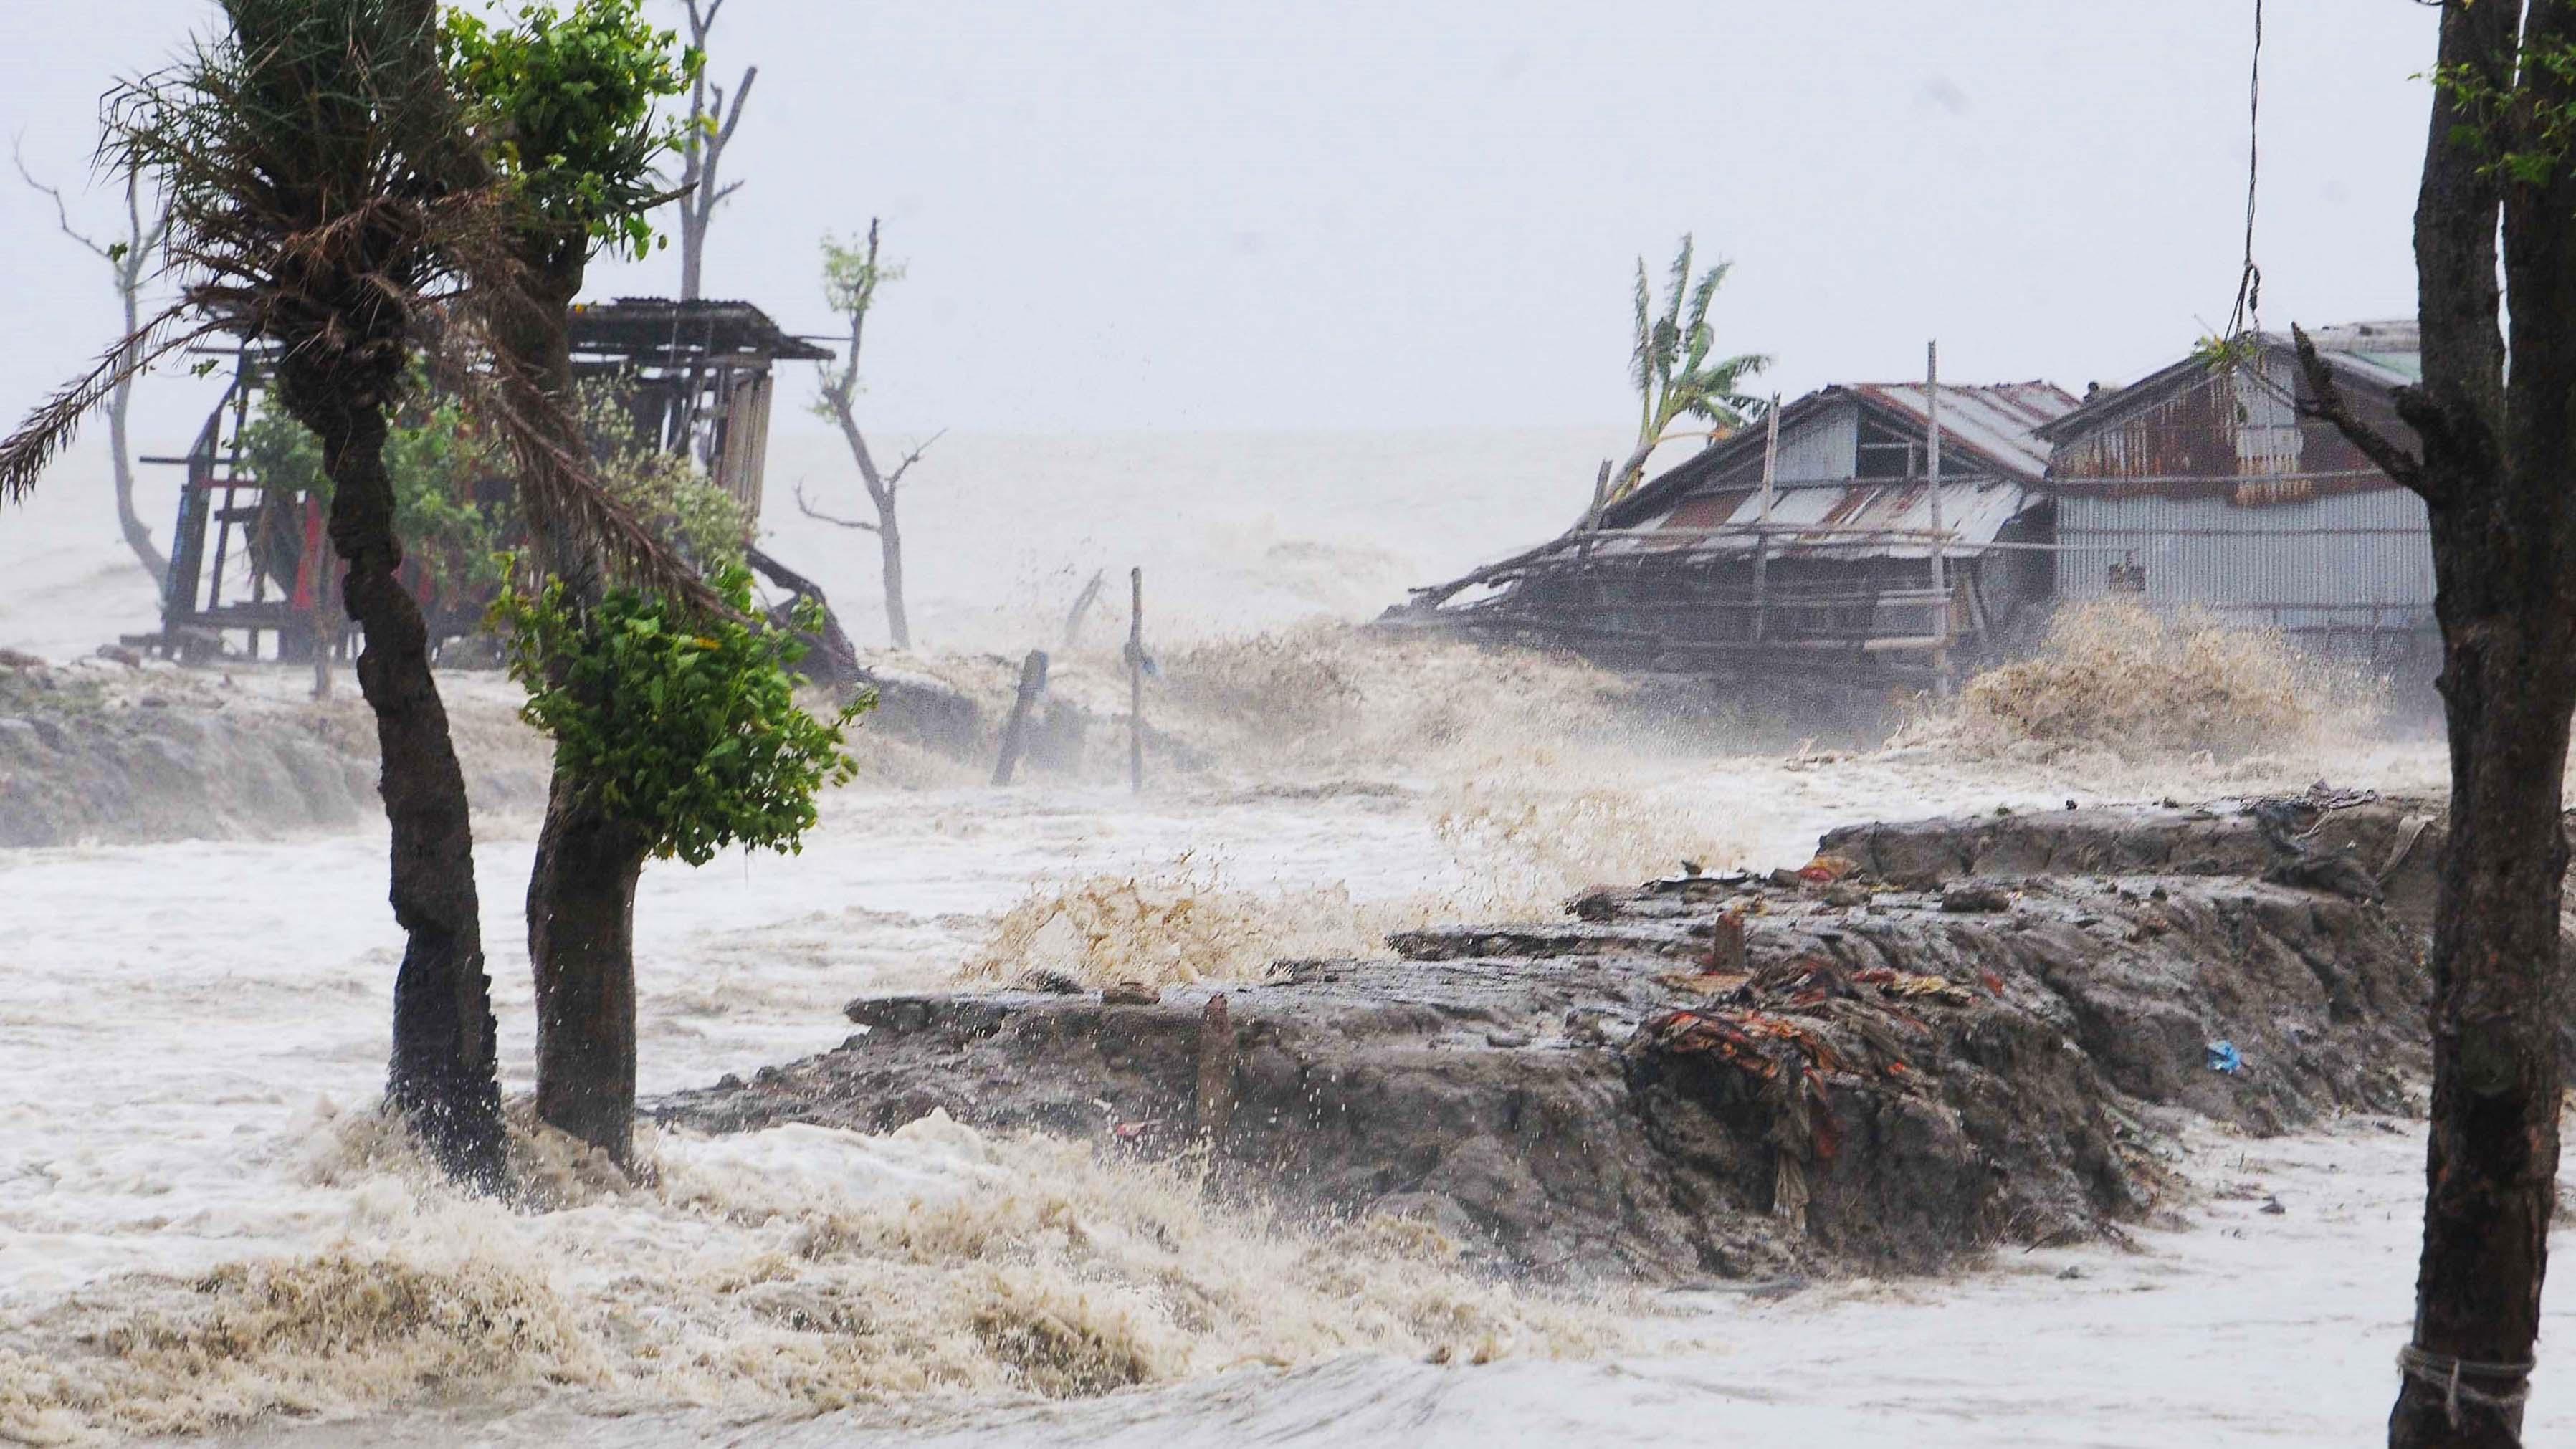 """""""Alles platt gemacht"""": 80 Tote bei Zyklon in Indien und Bangladesch"""